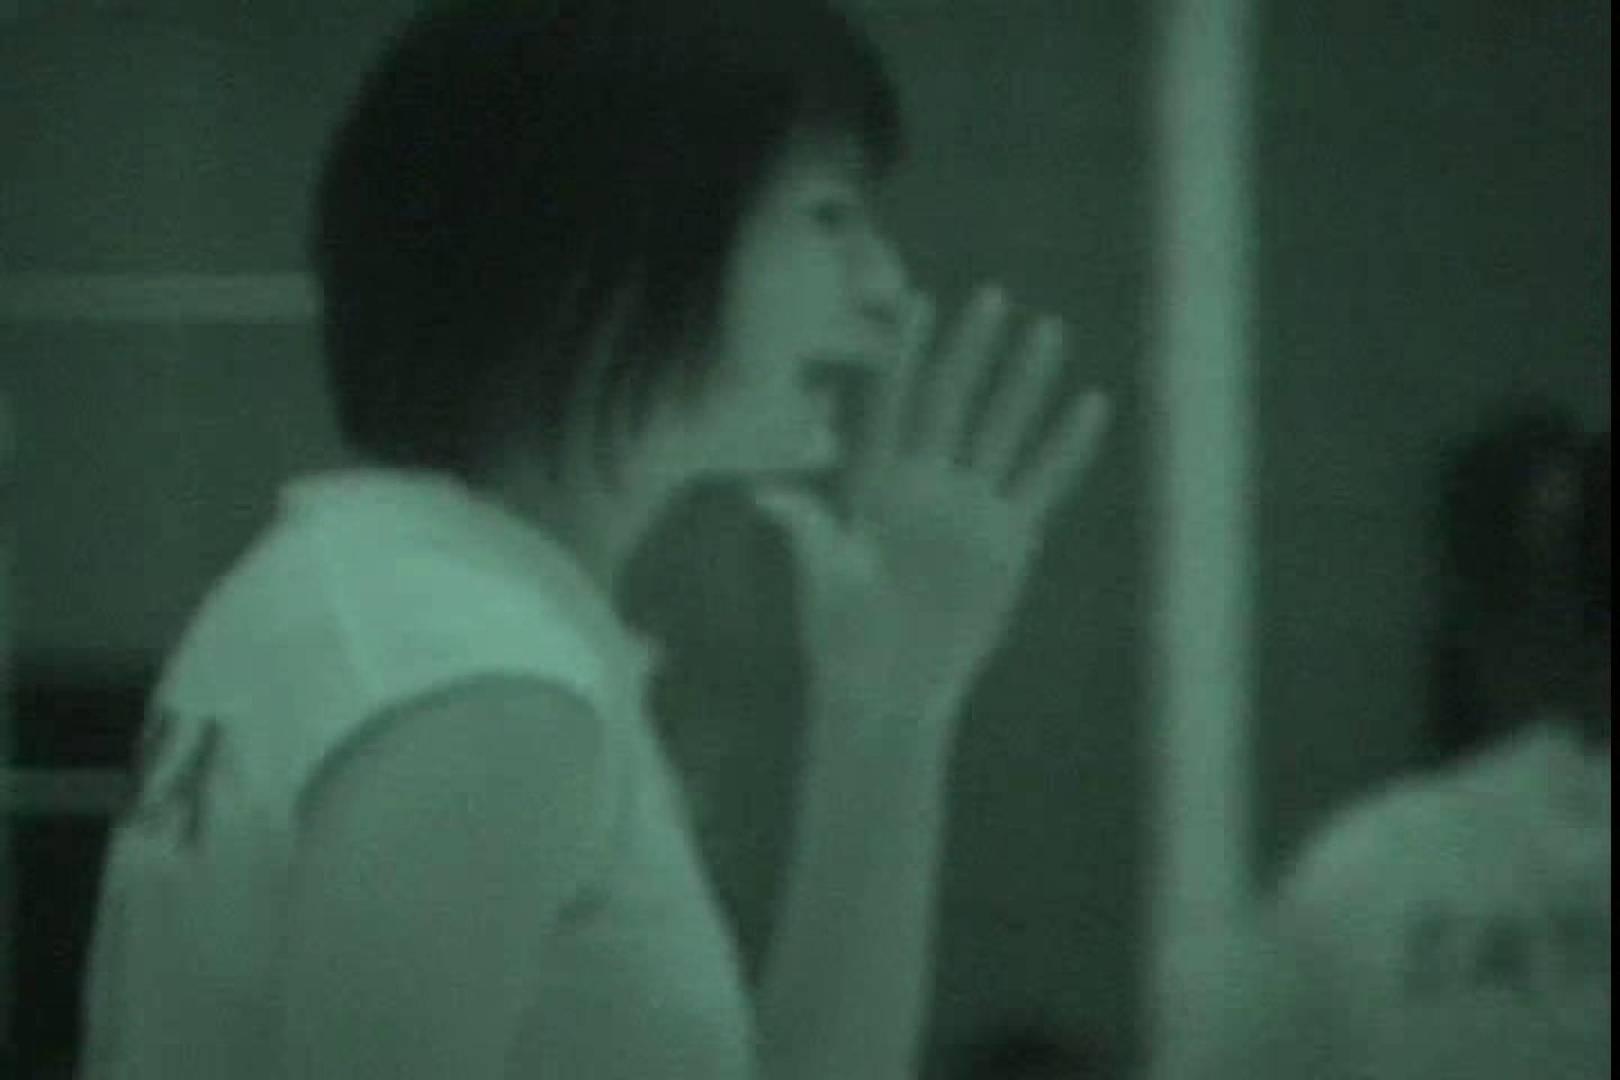 赤外線ムレスケバレー(汗) vol.09 赤外線 すけべAV動画紹介 86連発 68